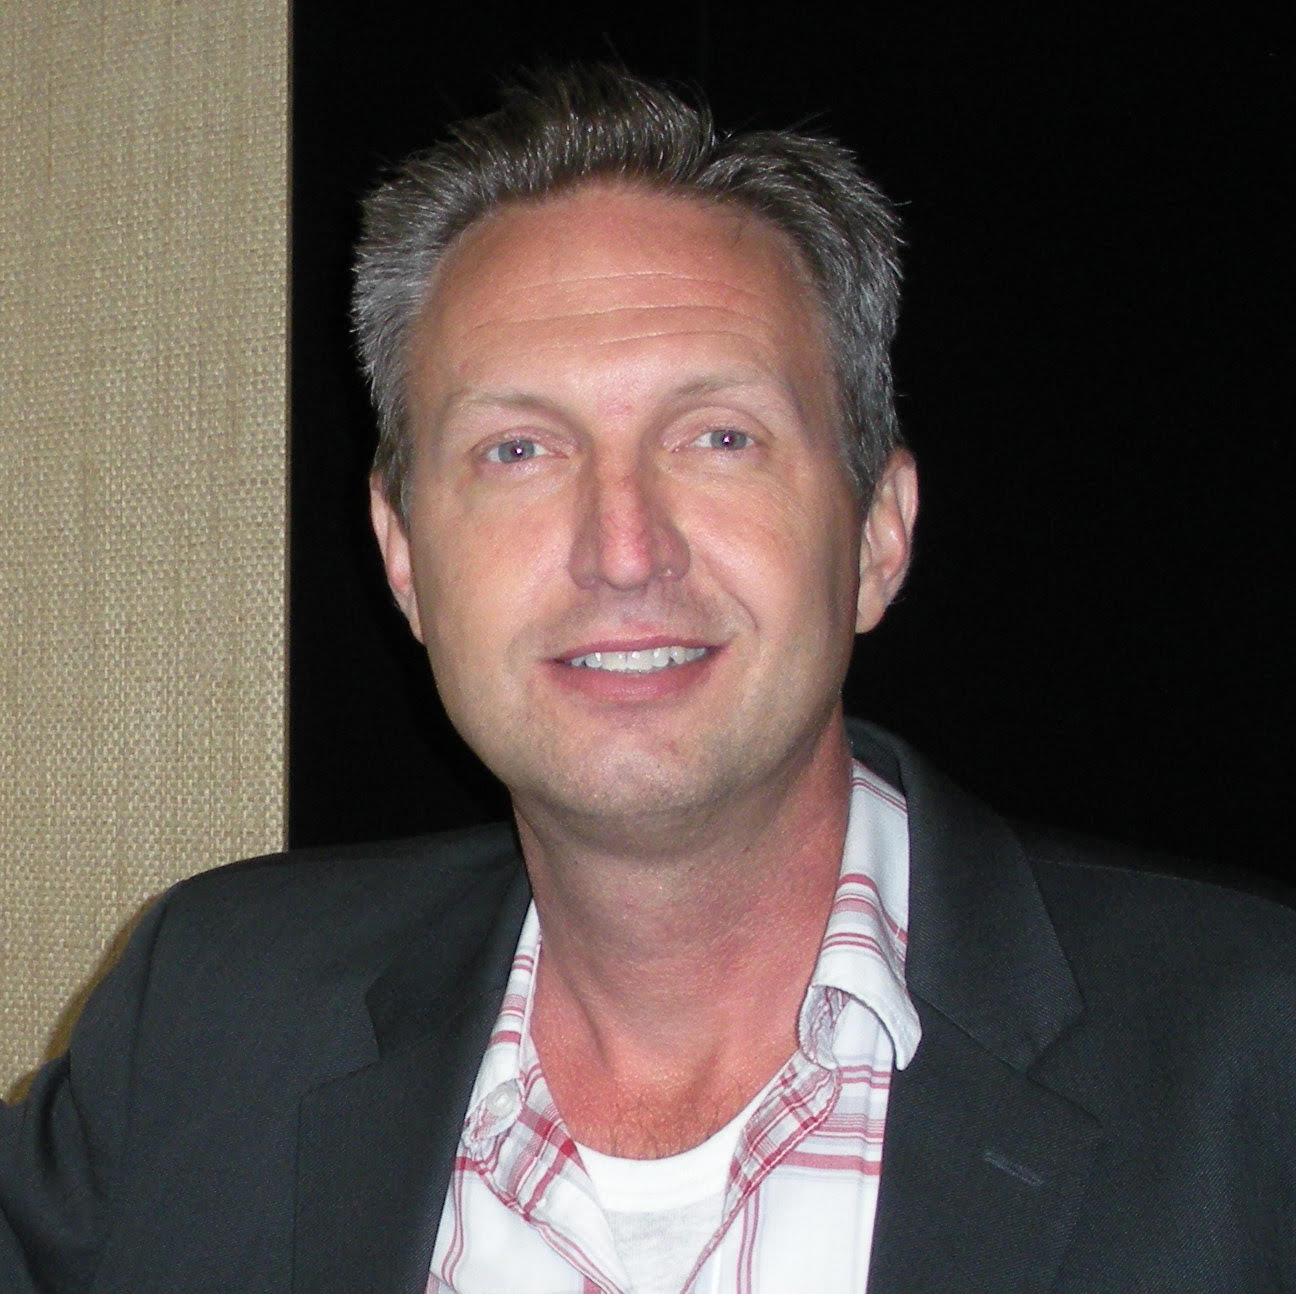 Toby Severtson